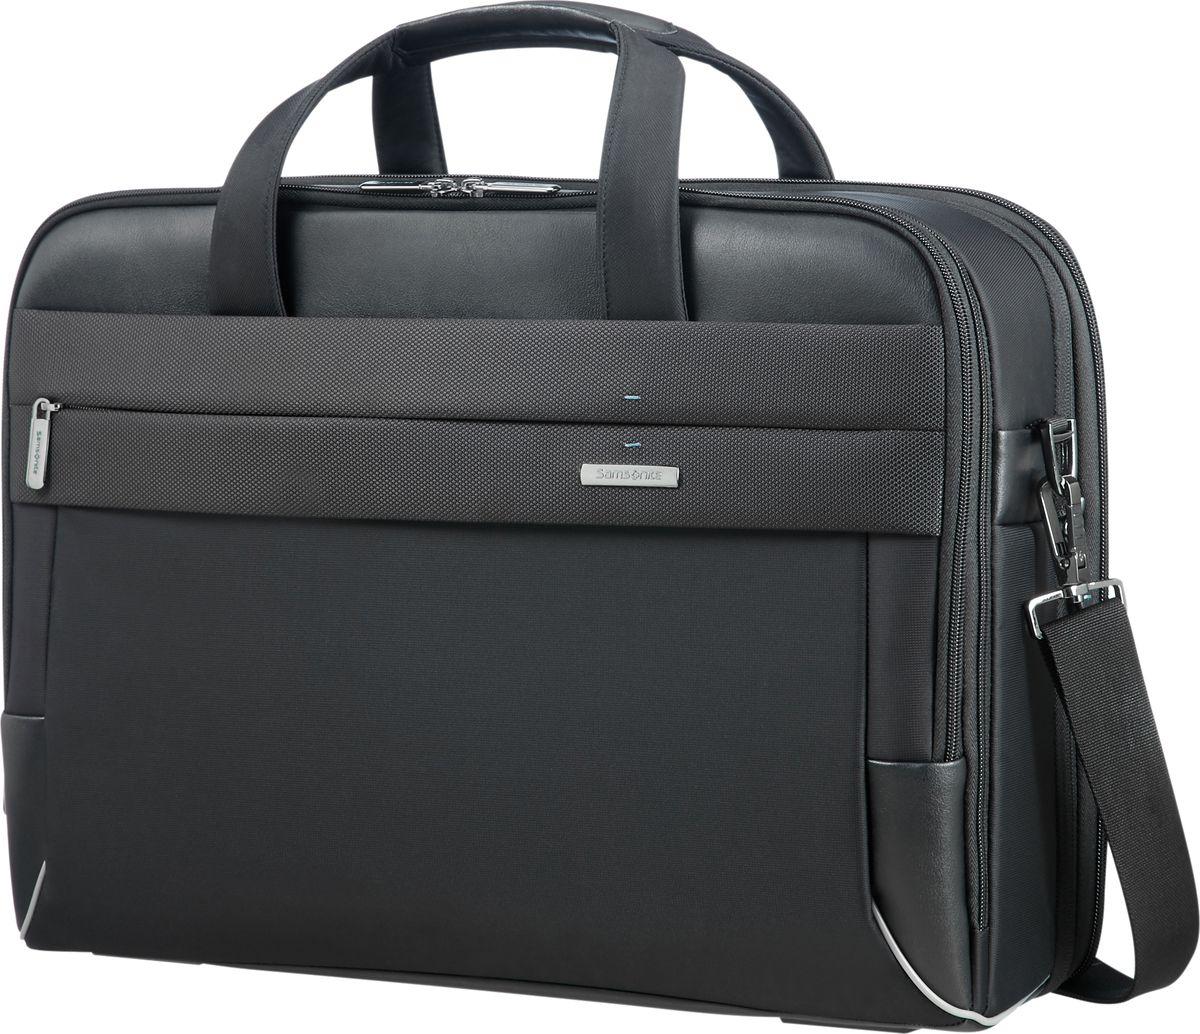 Сумка для ноутбука мужская Samsonite, цвет: черный, 17,3. CE7-09005 samsonite samsonite тотализатор apple macbook air pro рукав портативный компьютер сумка 13 3 дюймовый ноутбук сумка bp5 09001 черный